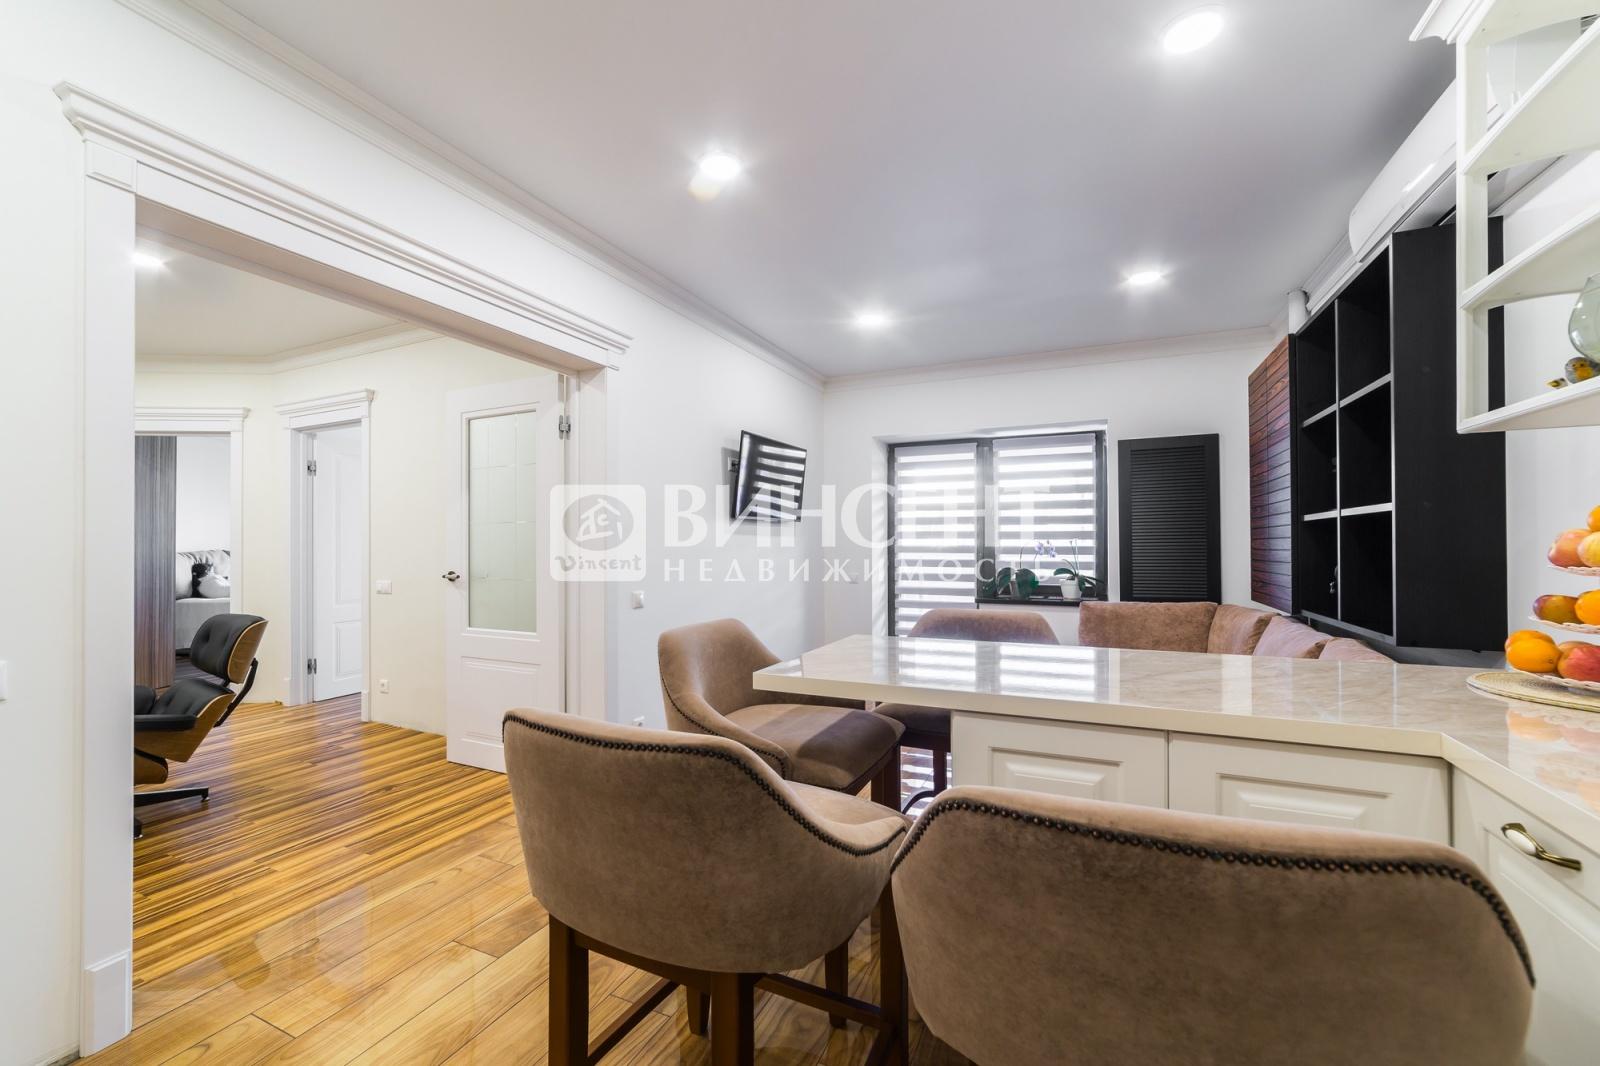 сочи квартиры на длительный срок аренда